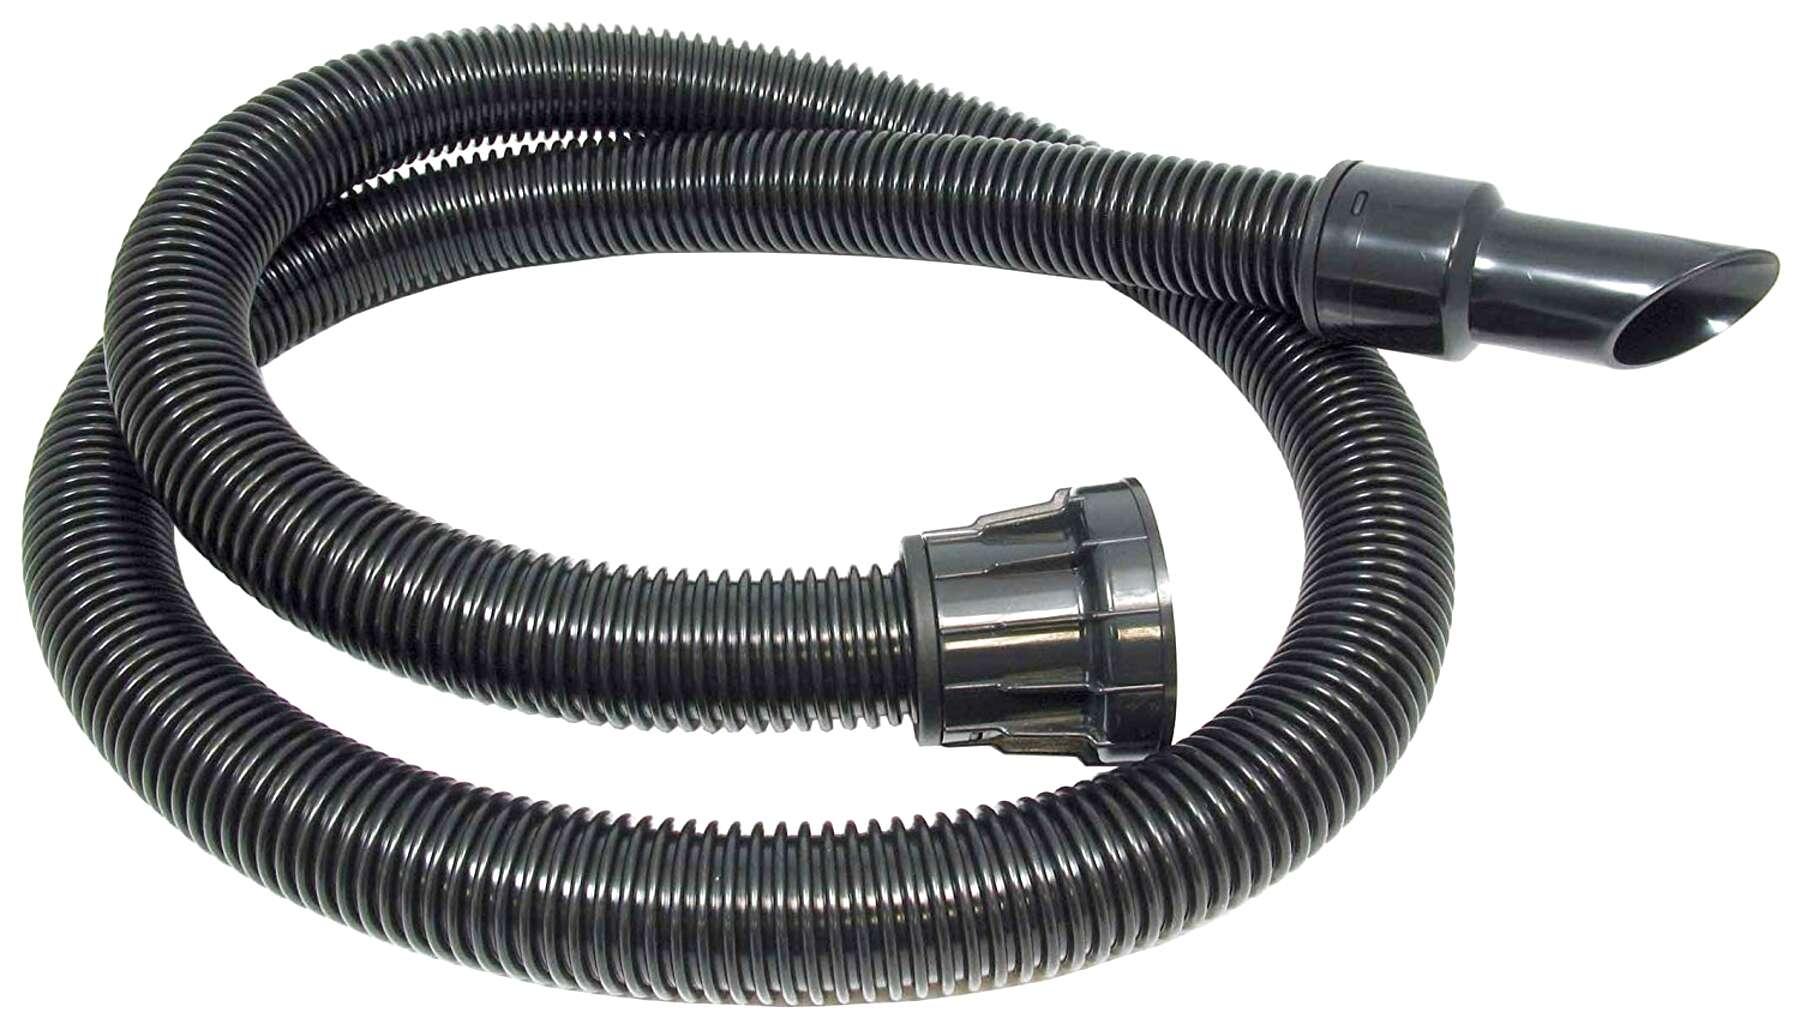 henry hoover hose for sale